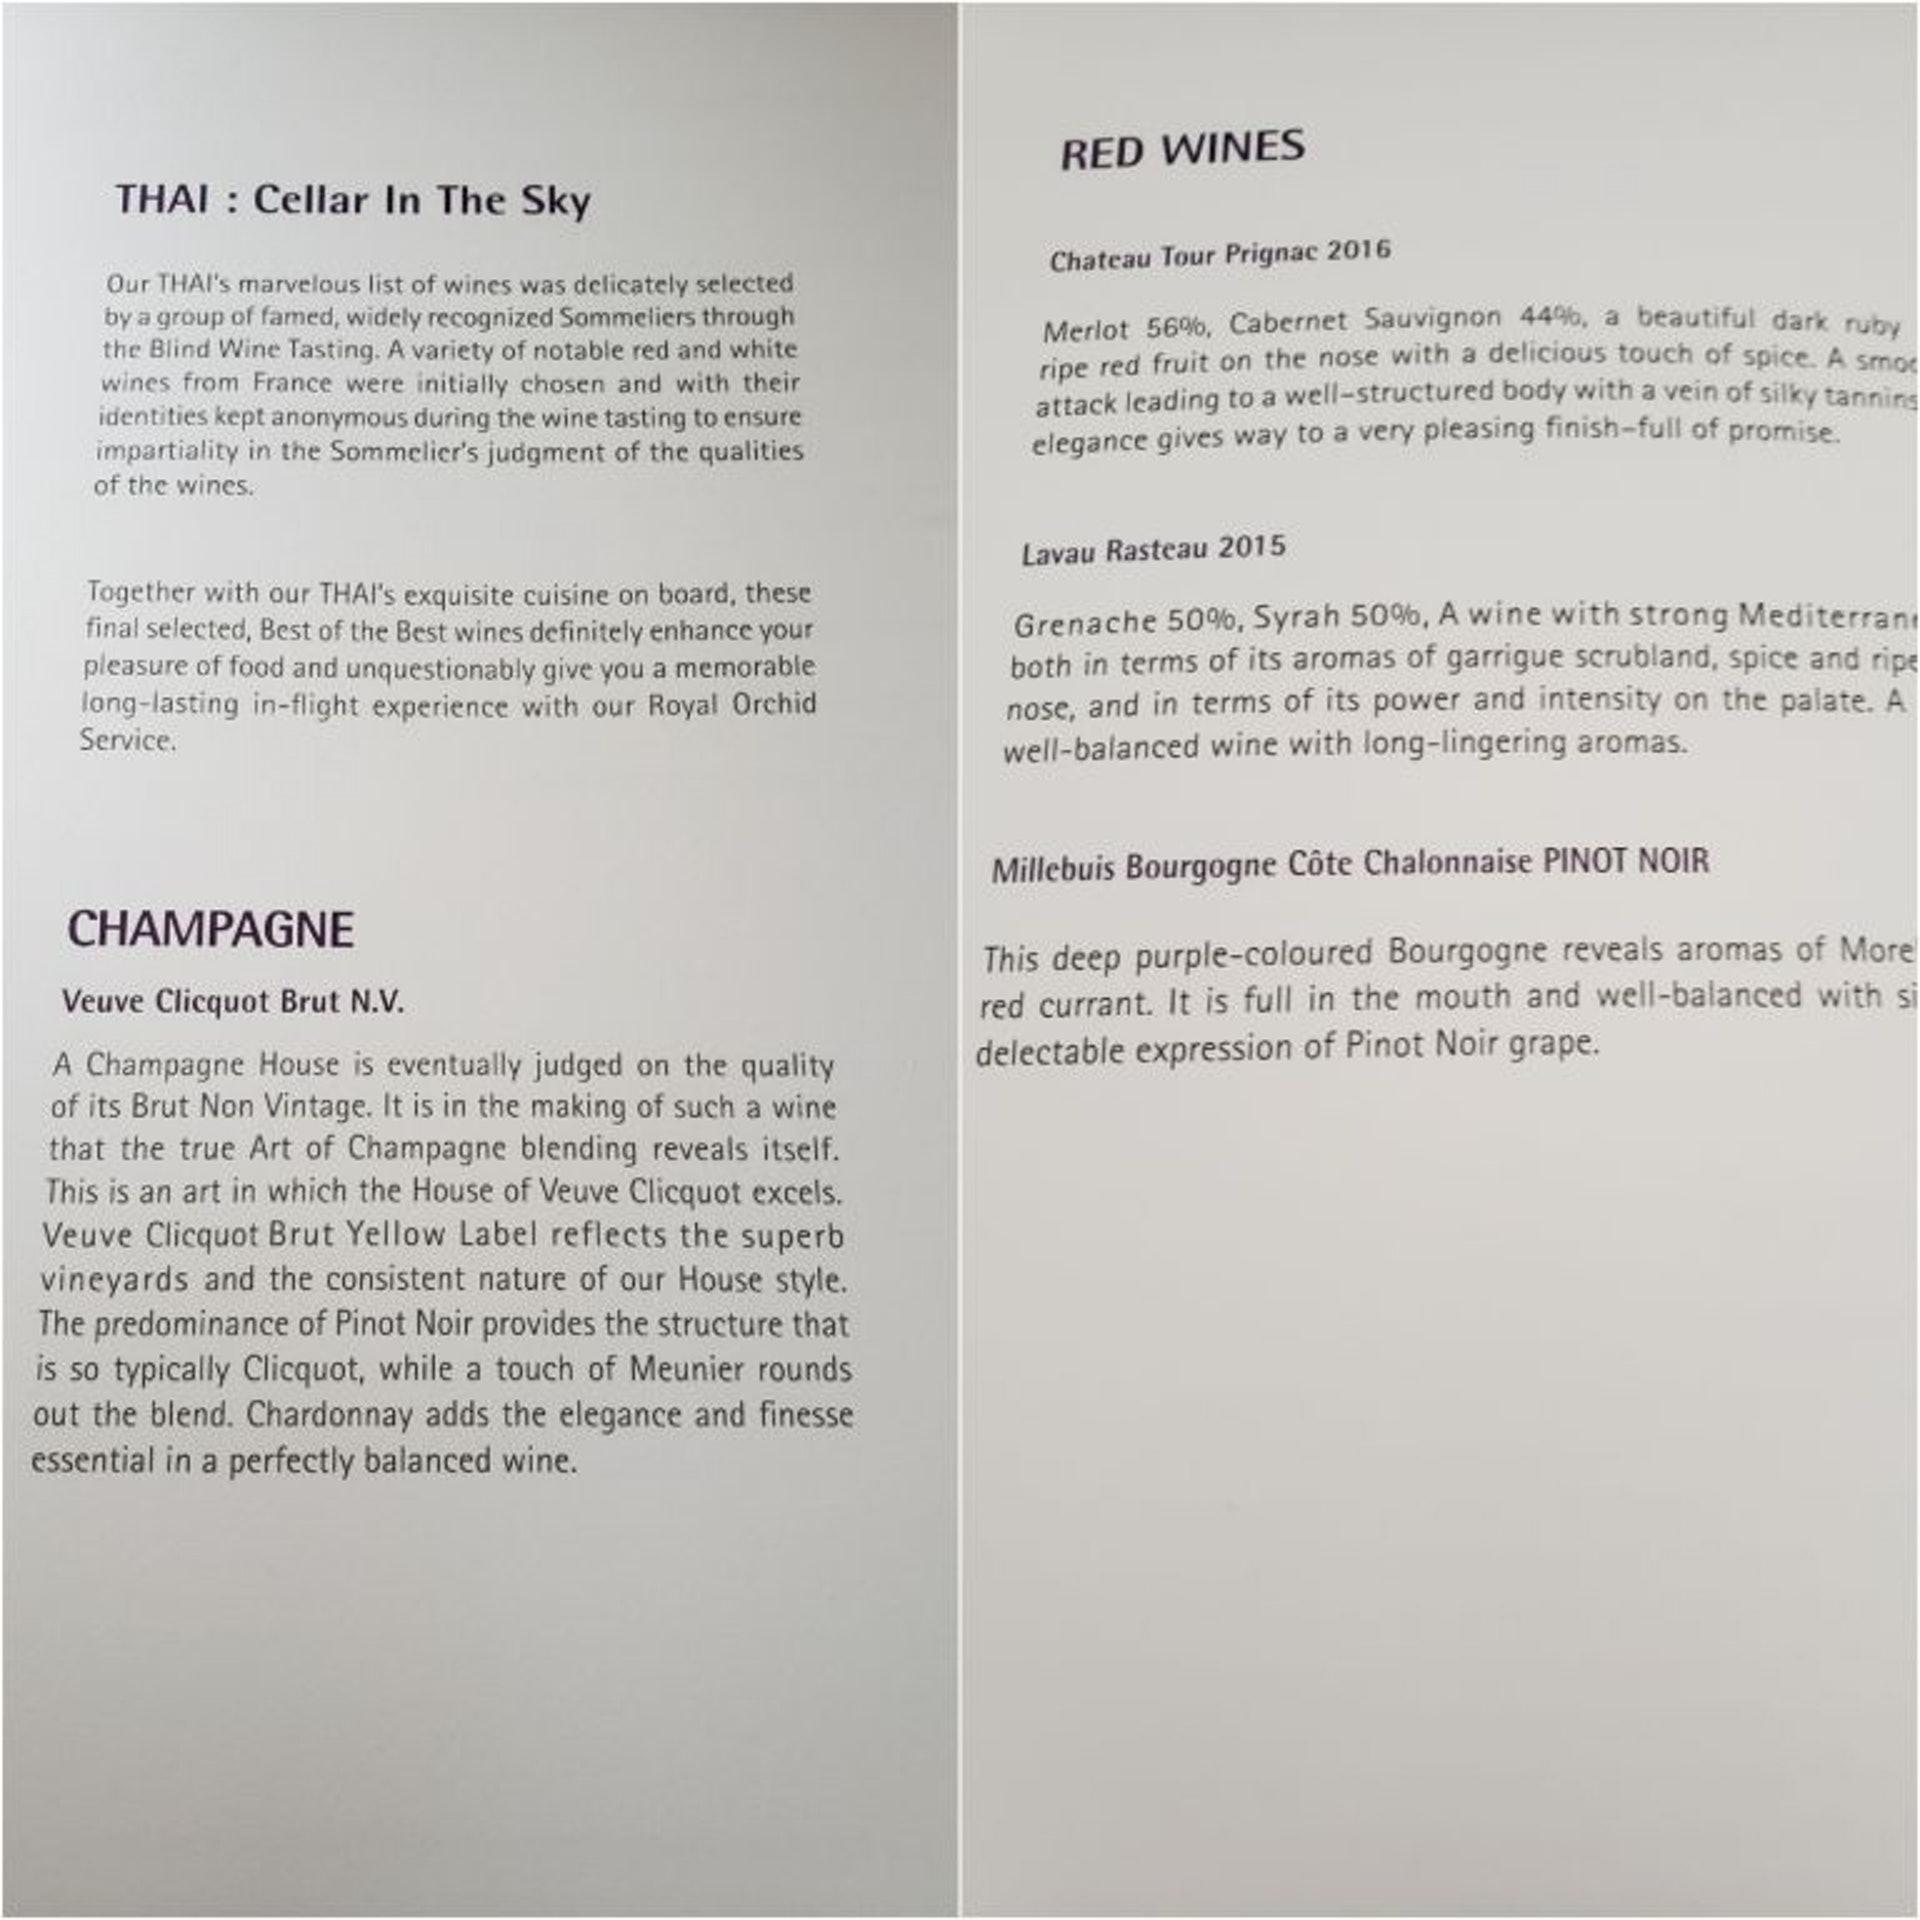 香檳酒(左圖)與紅酒(右圖)的選擇(TripPlus授權使用)